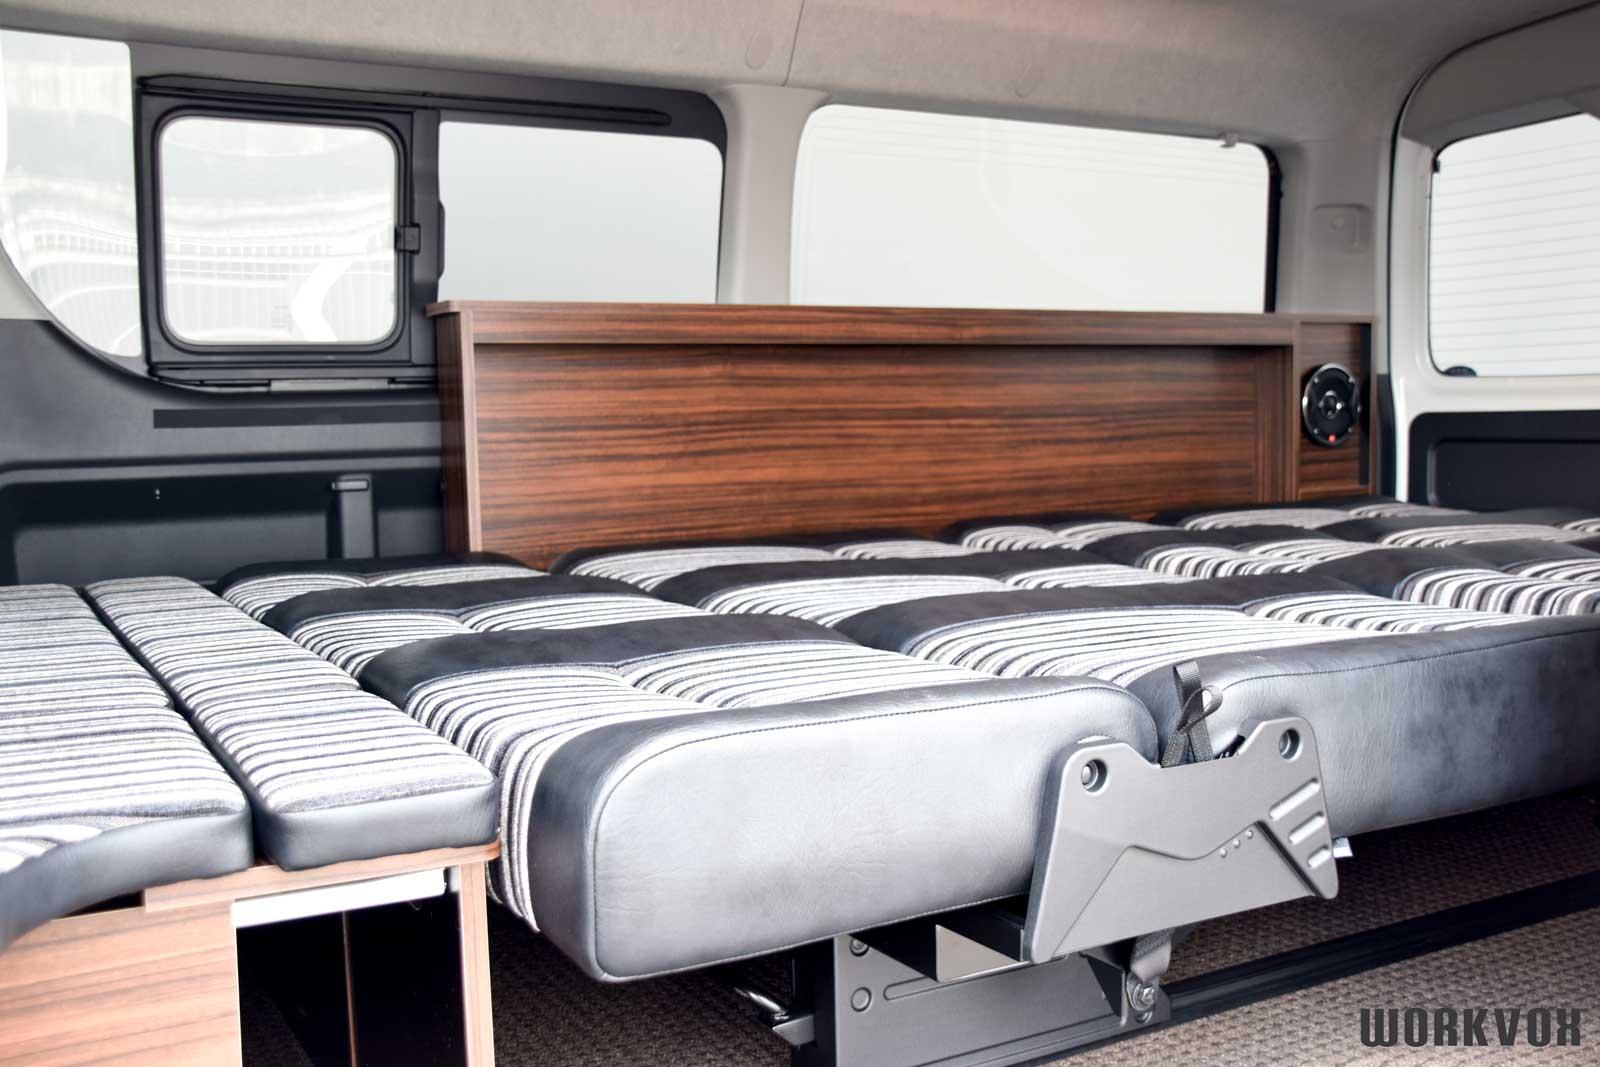 ハイエース i-seat フルフラット